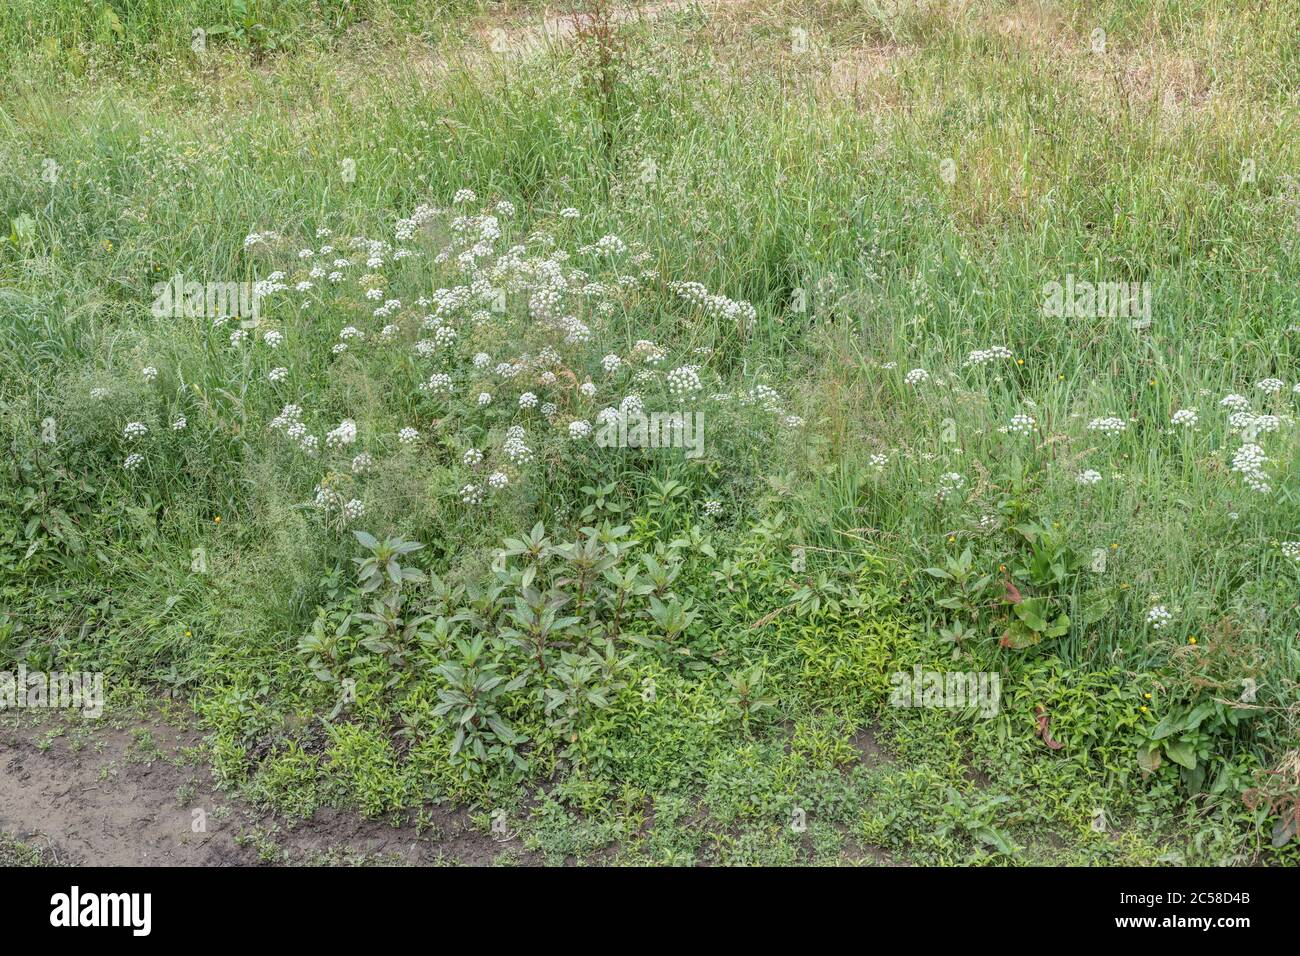 Himalayan Balsam / Impatiens gladulifera, Hemlock Water-dropwort / Oenanthe crocata & Water Pepper / Polygonum hydropiper = Persicaria hydropiper Stock Photo